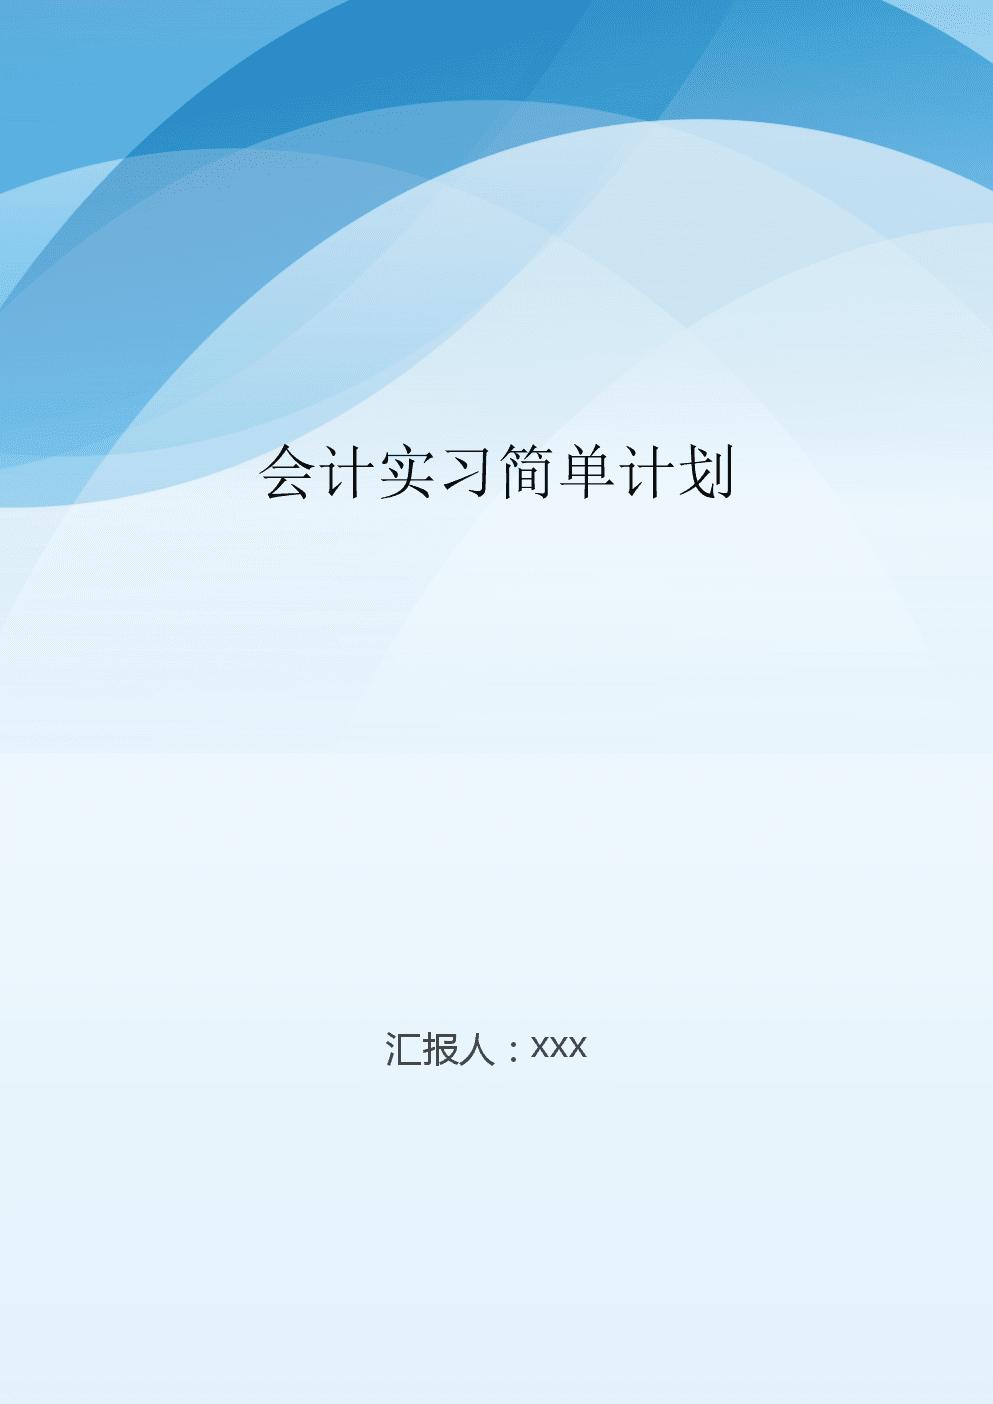 会计实习简单计划.doc